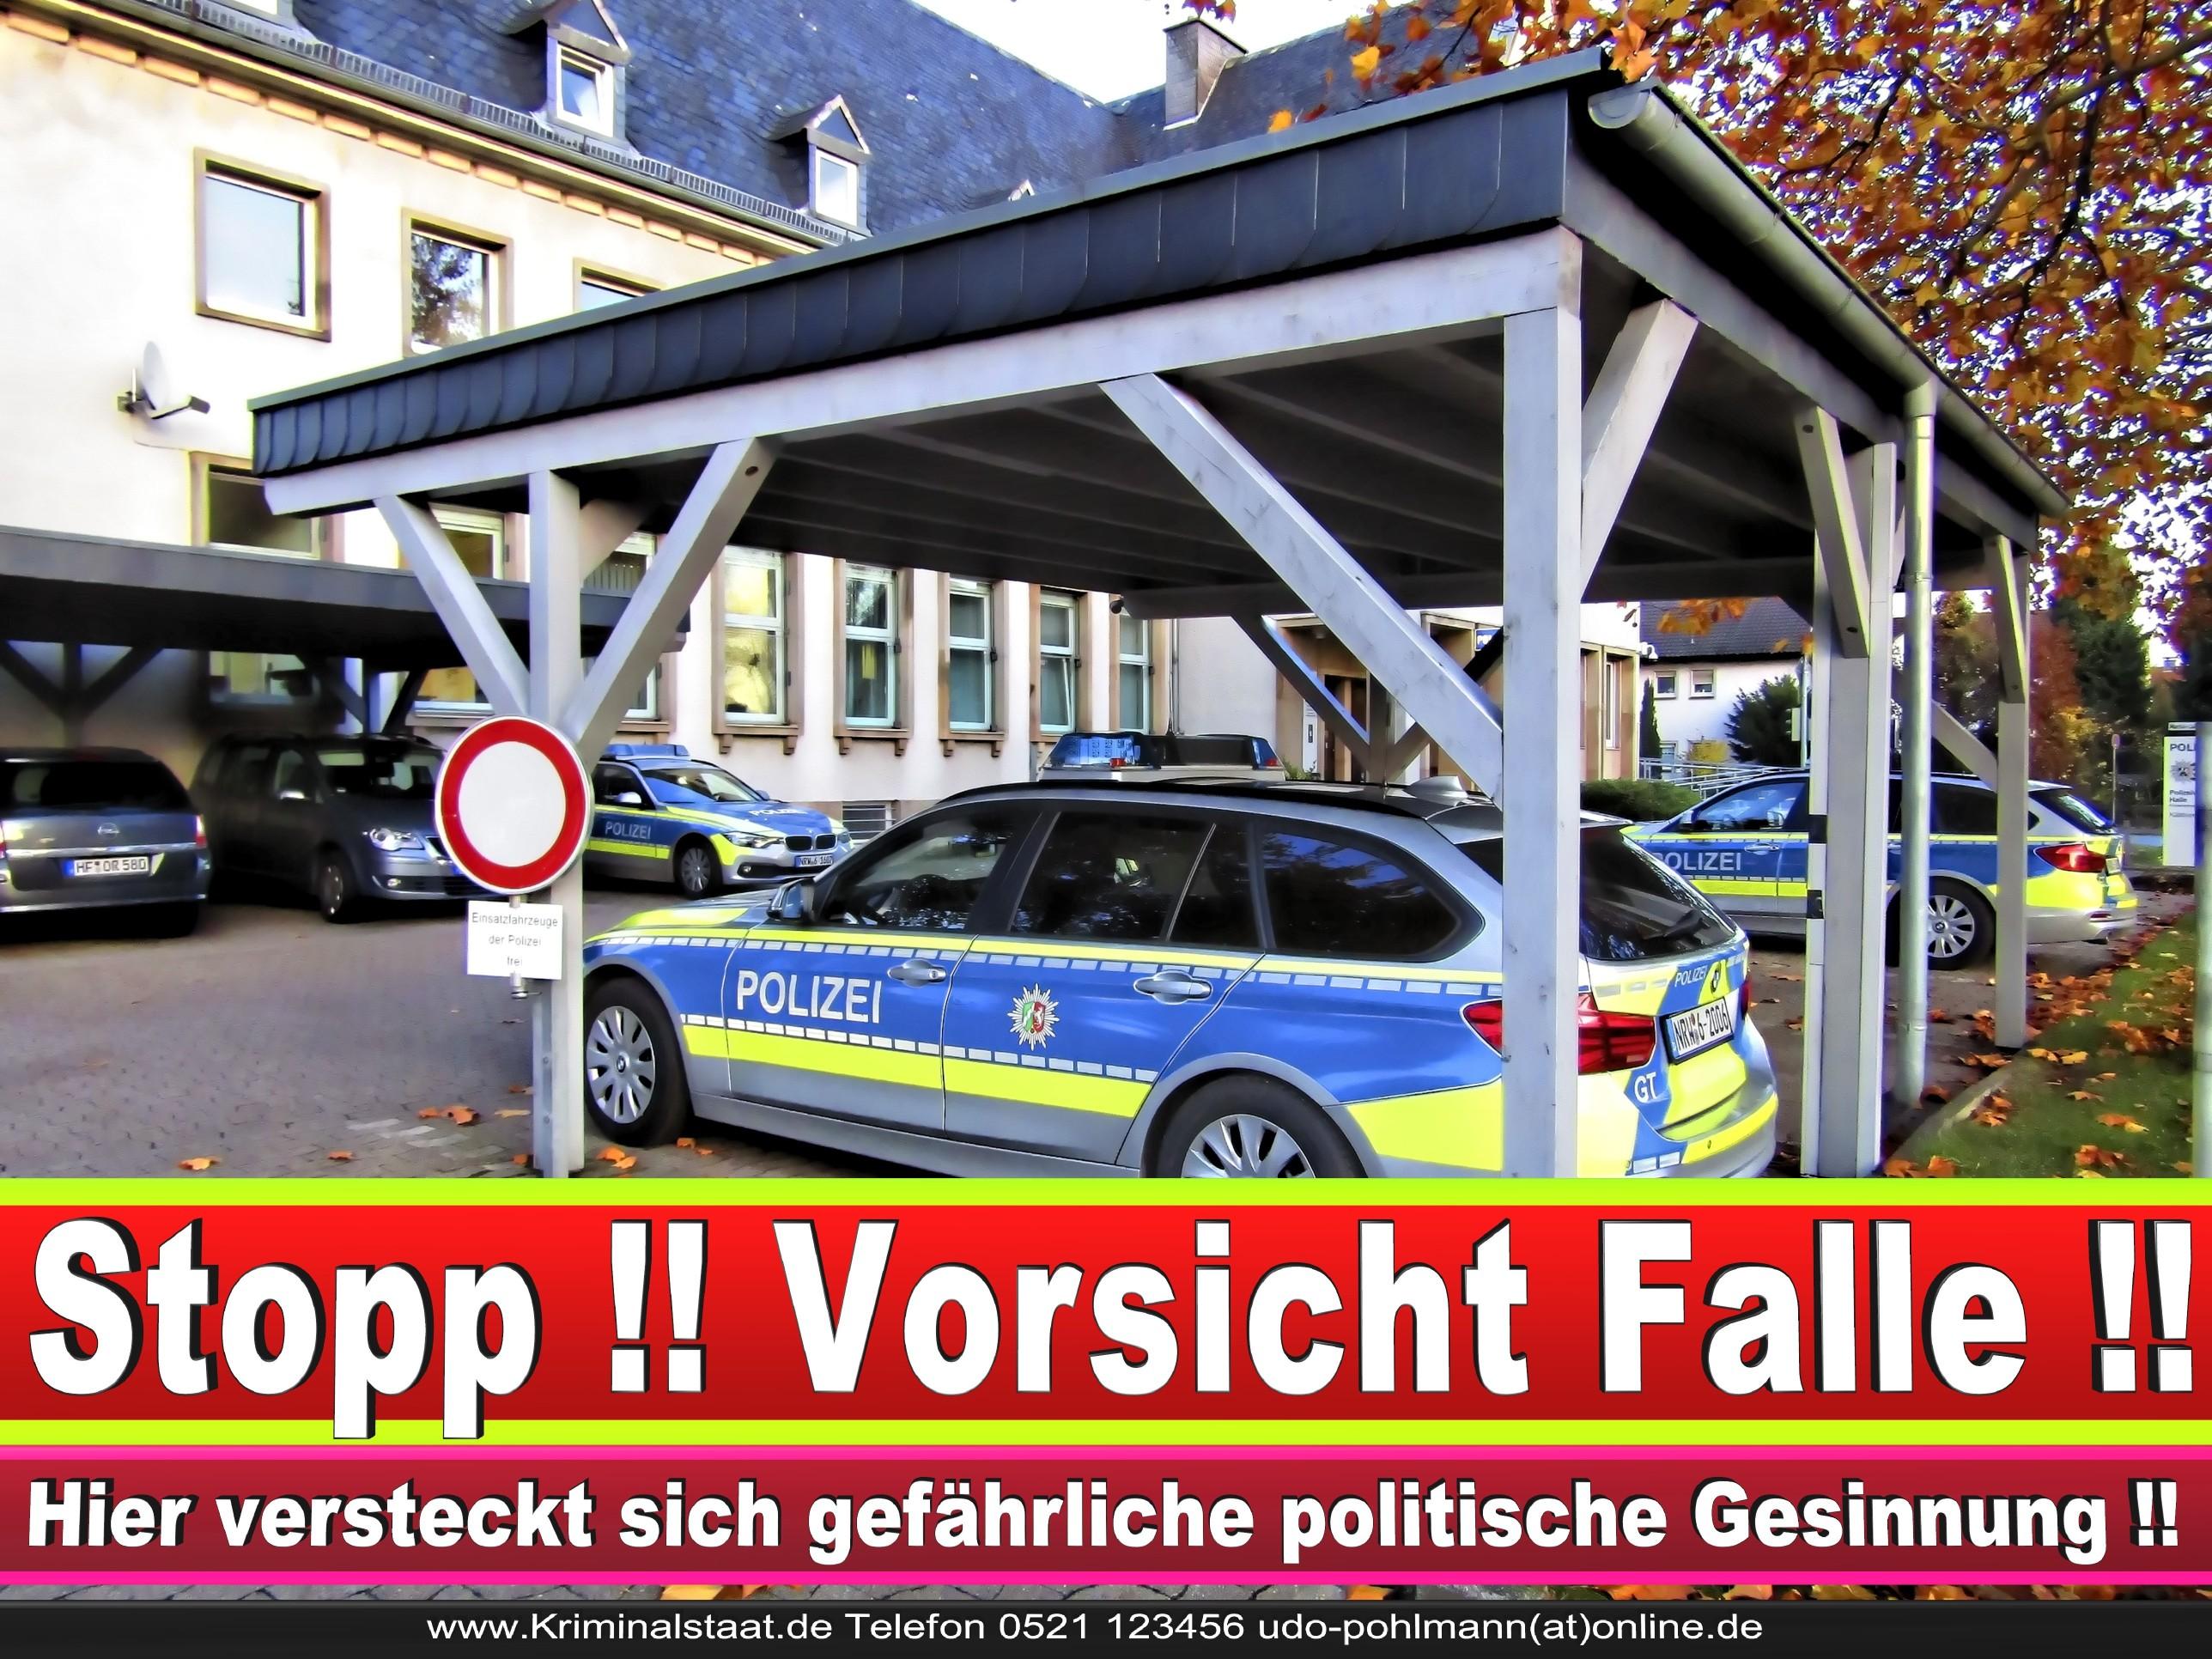 Polizei Halle Westfalen Kättkenstraße 7 33790 Halle Westfalen 7